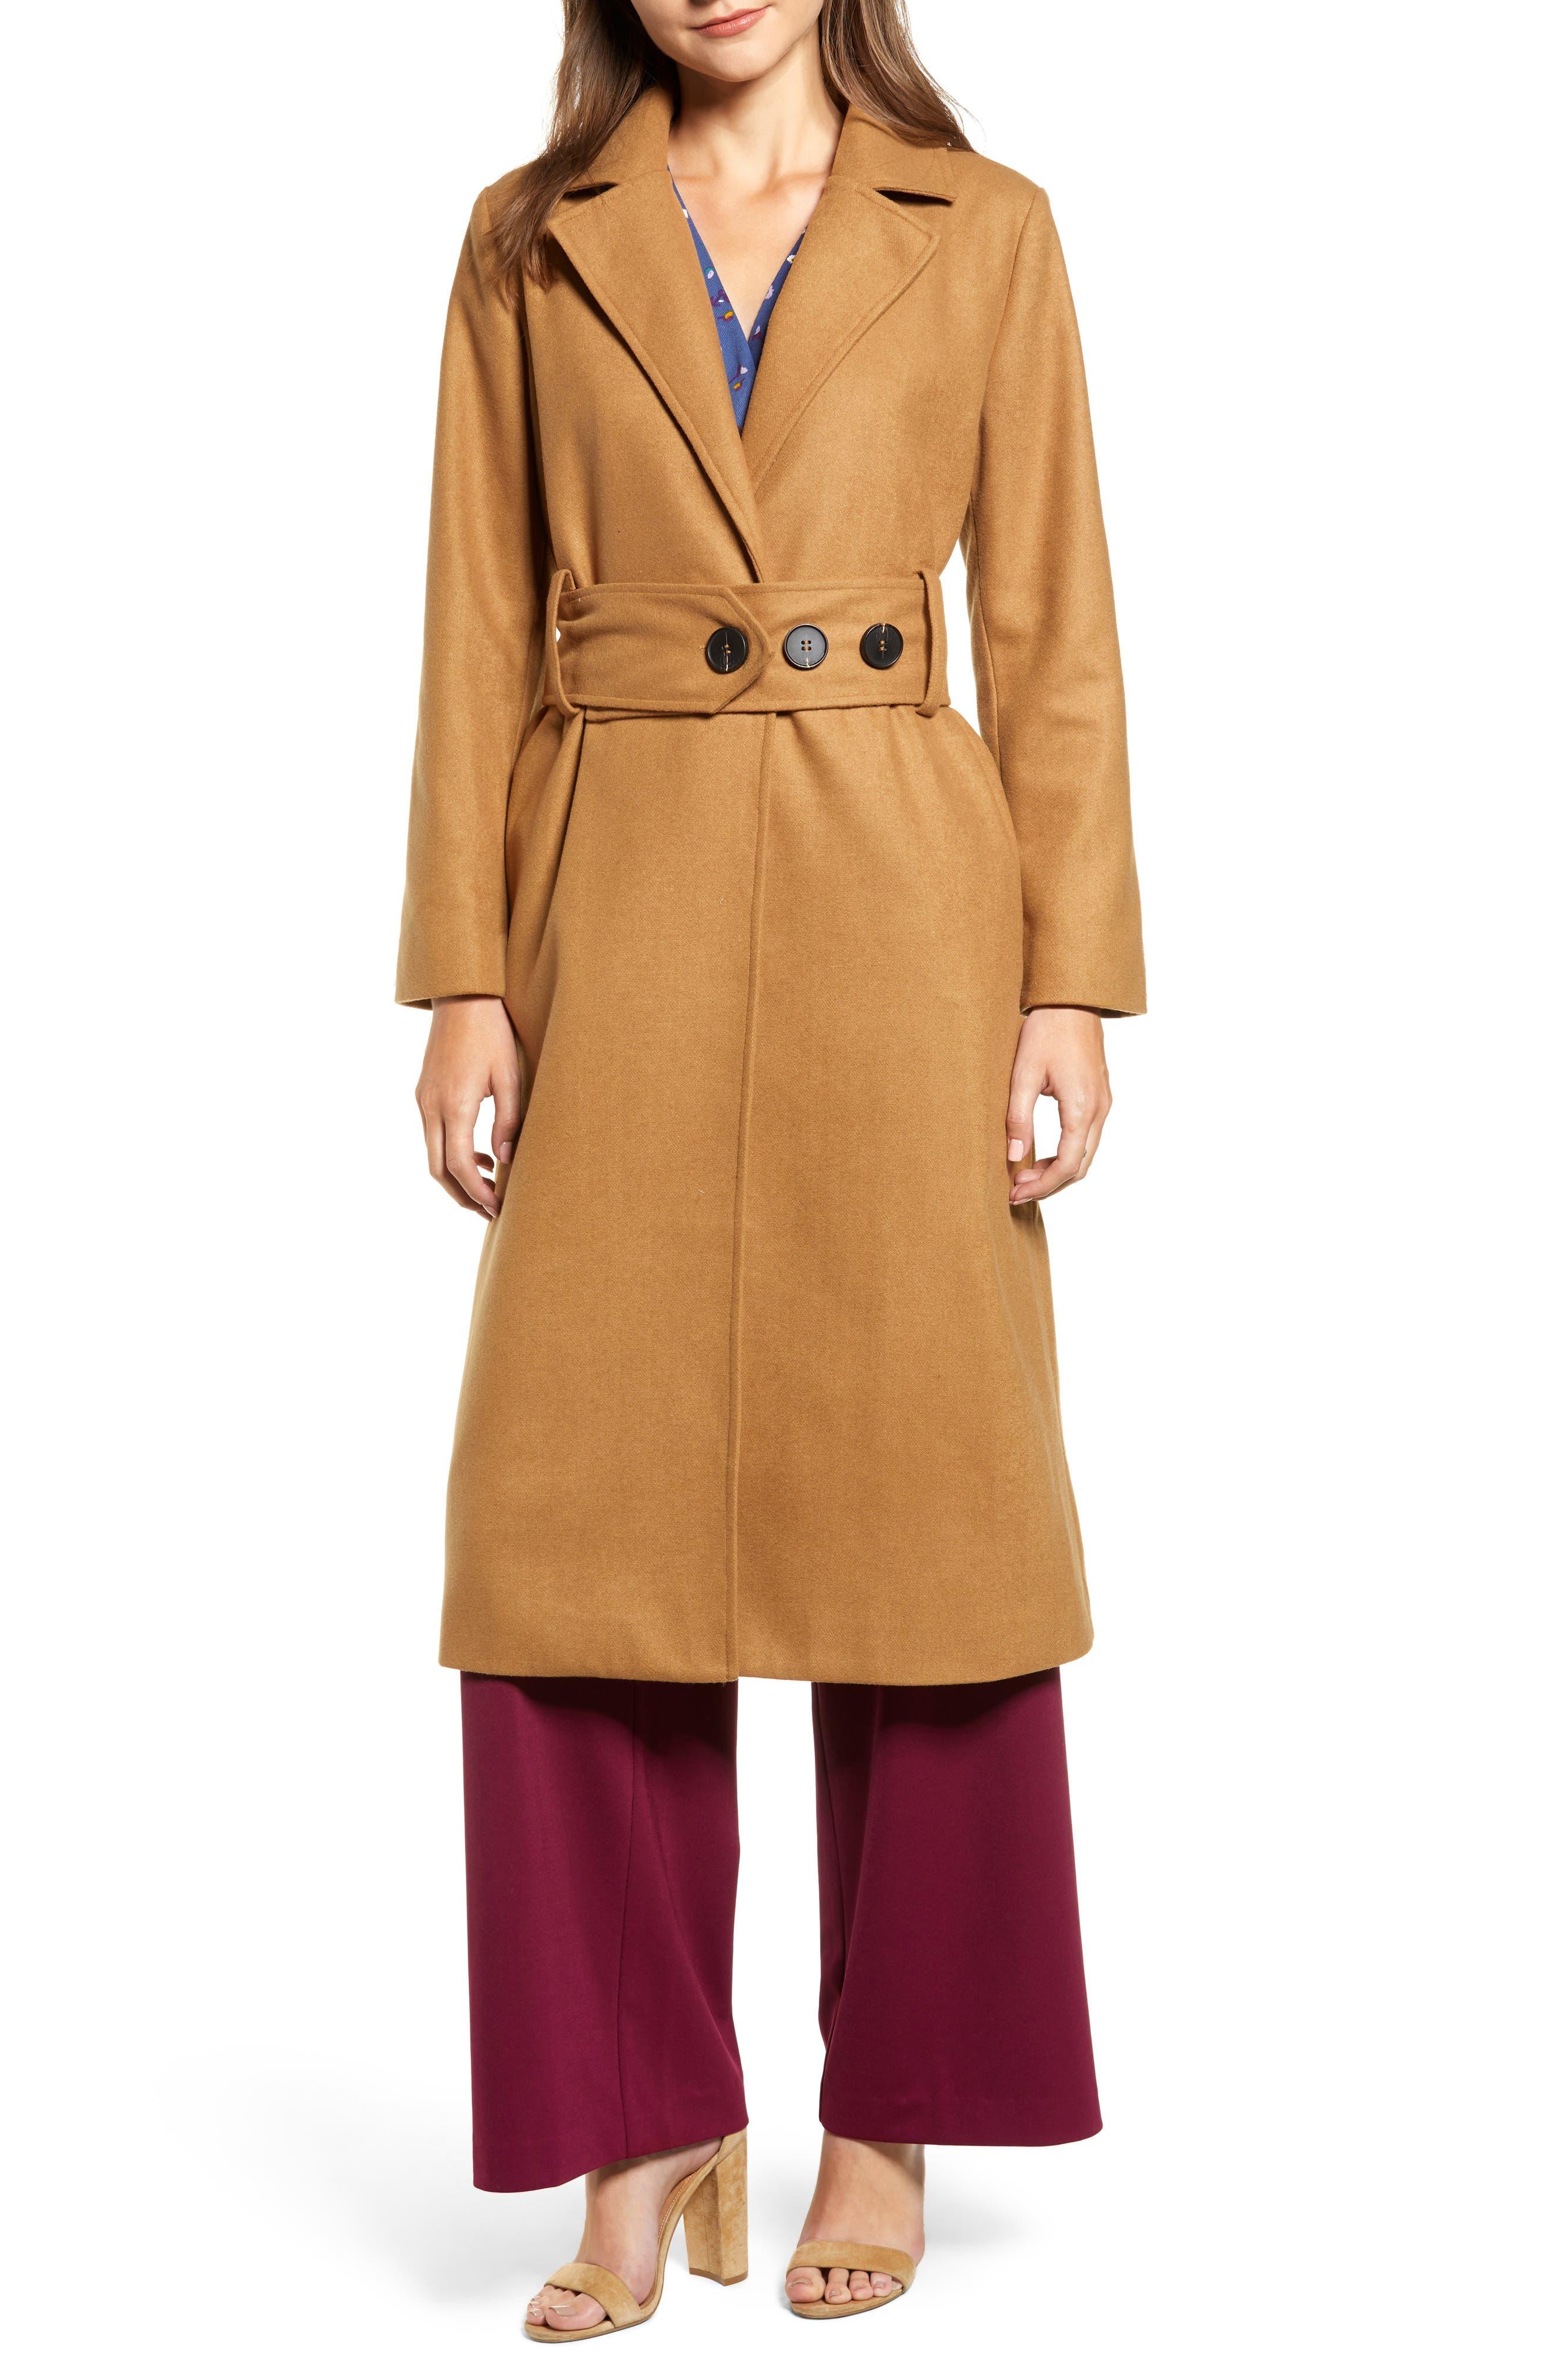 Chriselle Lim Victoria Belted Coat,                         Main,                         color, CAMEL